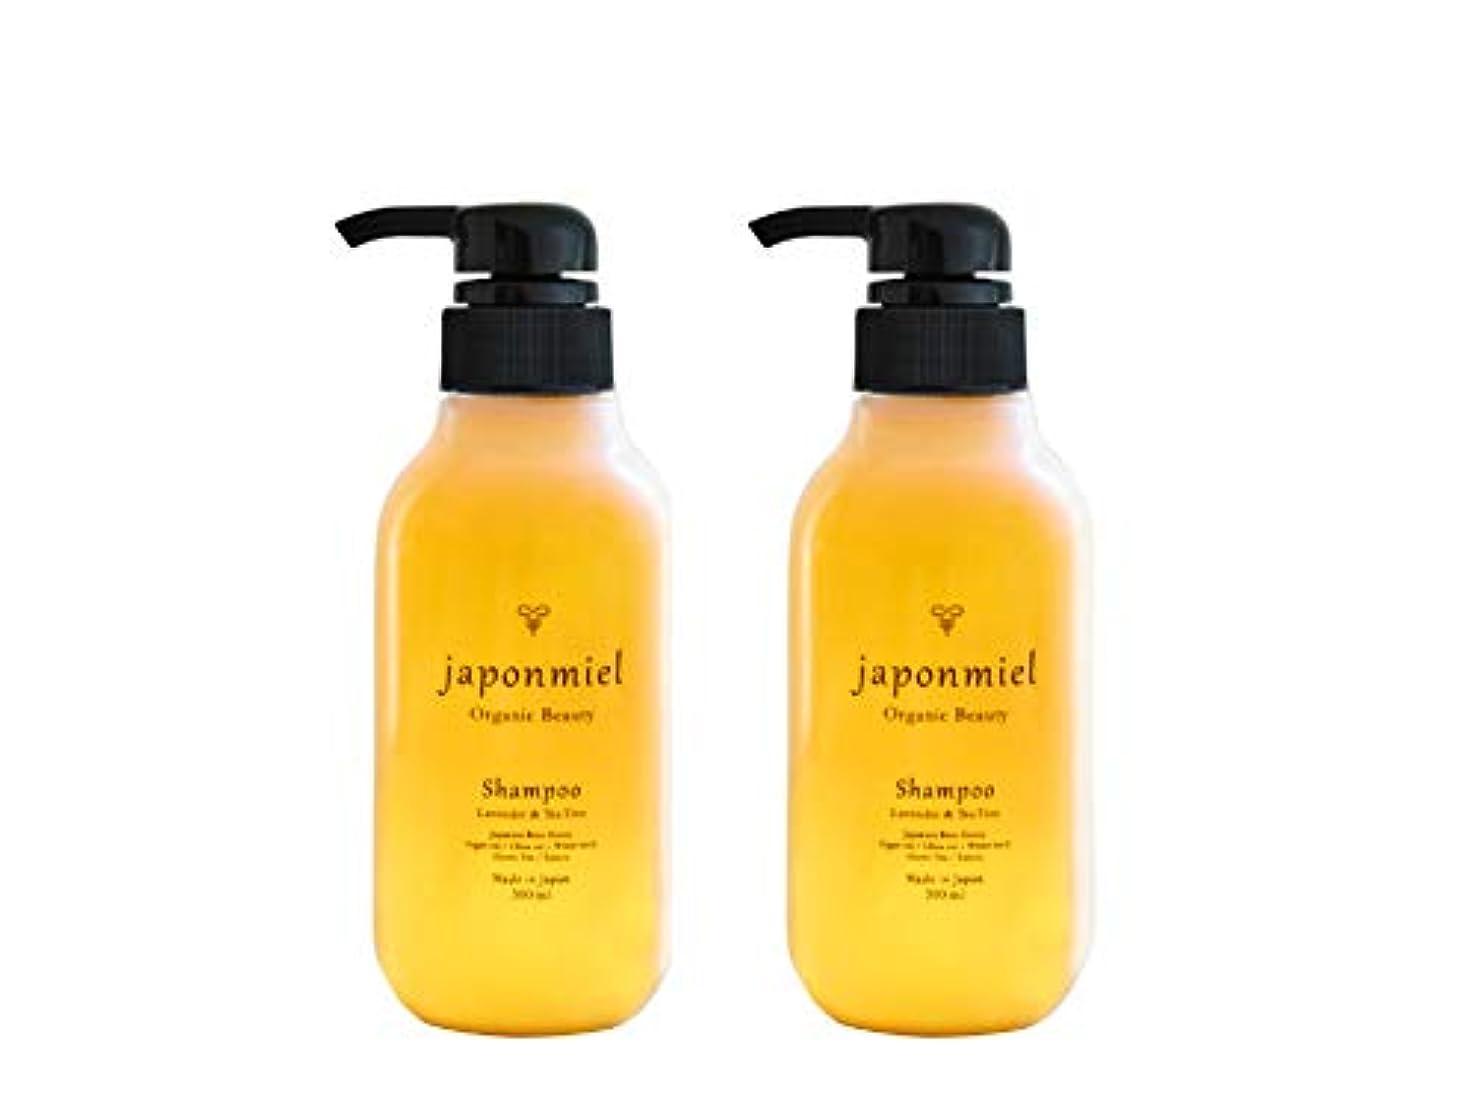 スパンマチュピチュ乳製品japonmiel オーガニックはちみつシャンプー 300ml×2本セット(アミノ酸系ノンシリコン エイジングヘアケア)